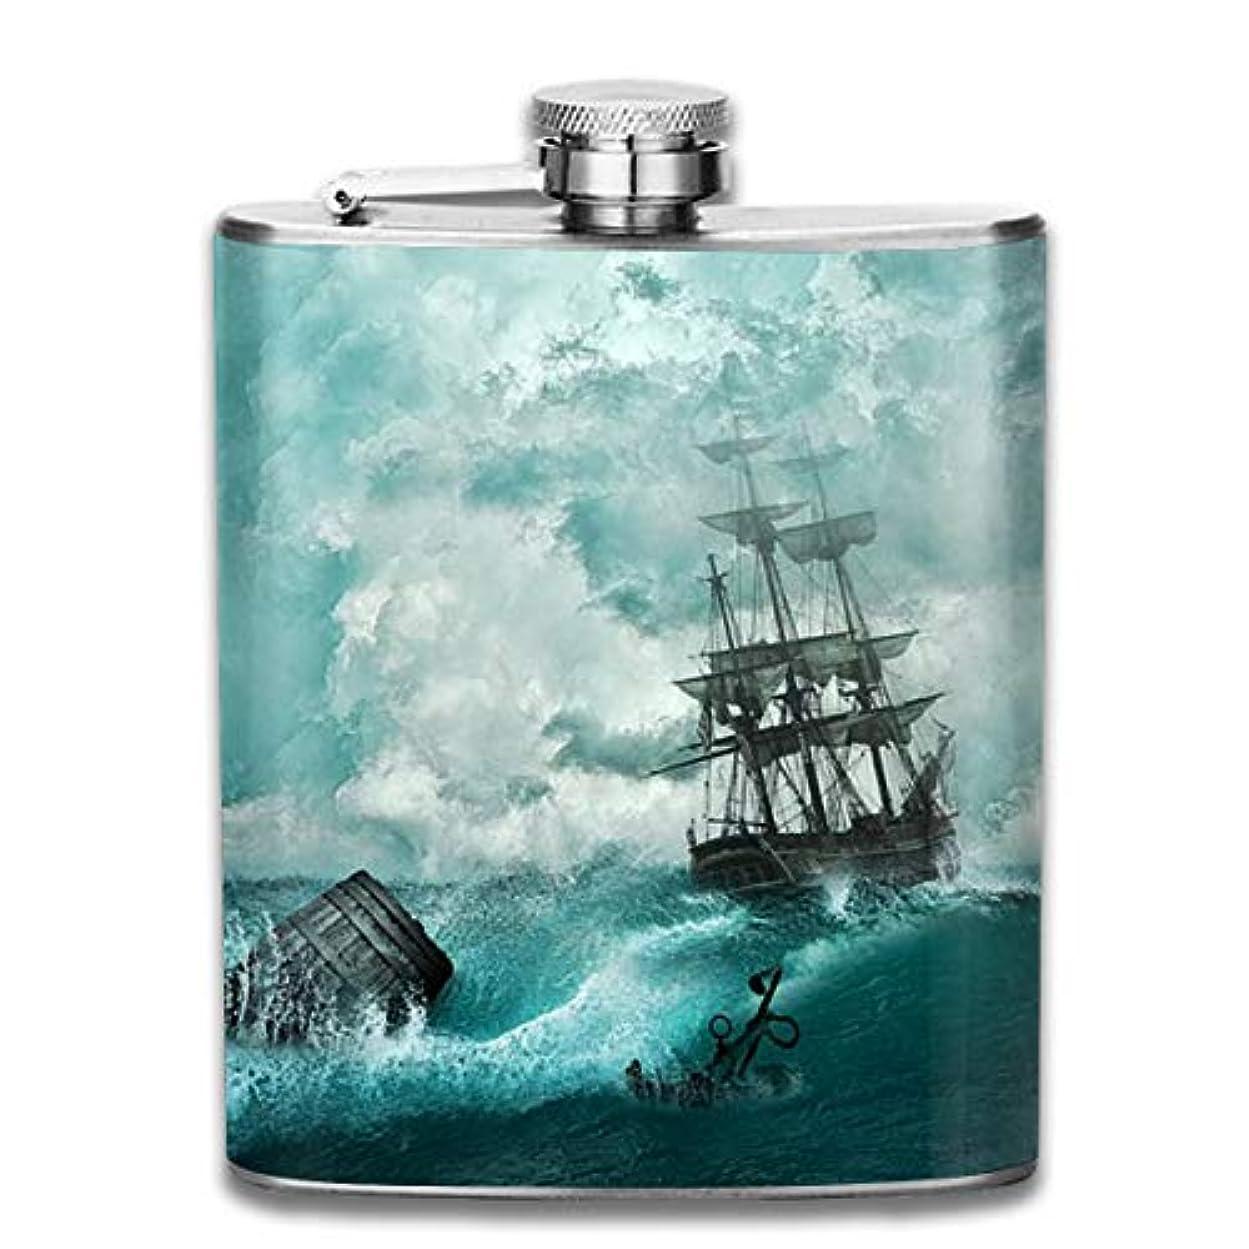 検体概念ナースブルームン 酒器 酒瓶 お酒 フラスコ 嵐 海 荒い波 ボトル 携帯用 フラゴン ワインポット 7oz 200ml ステンレス製 メンズ U型